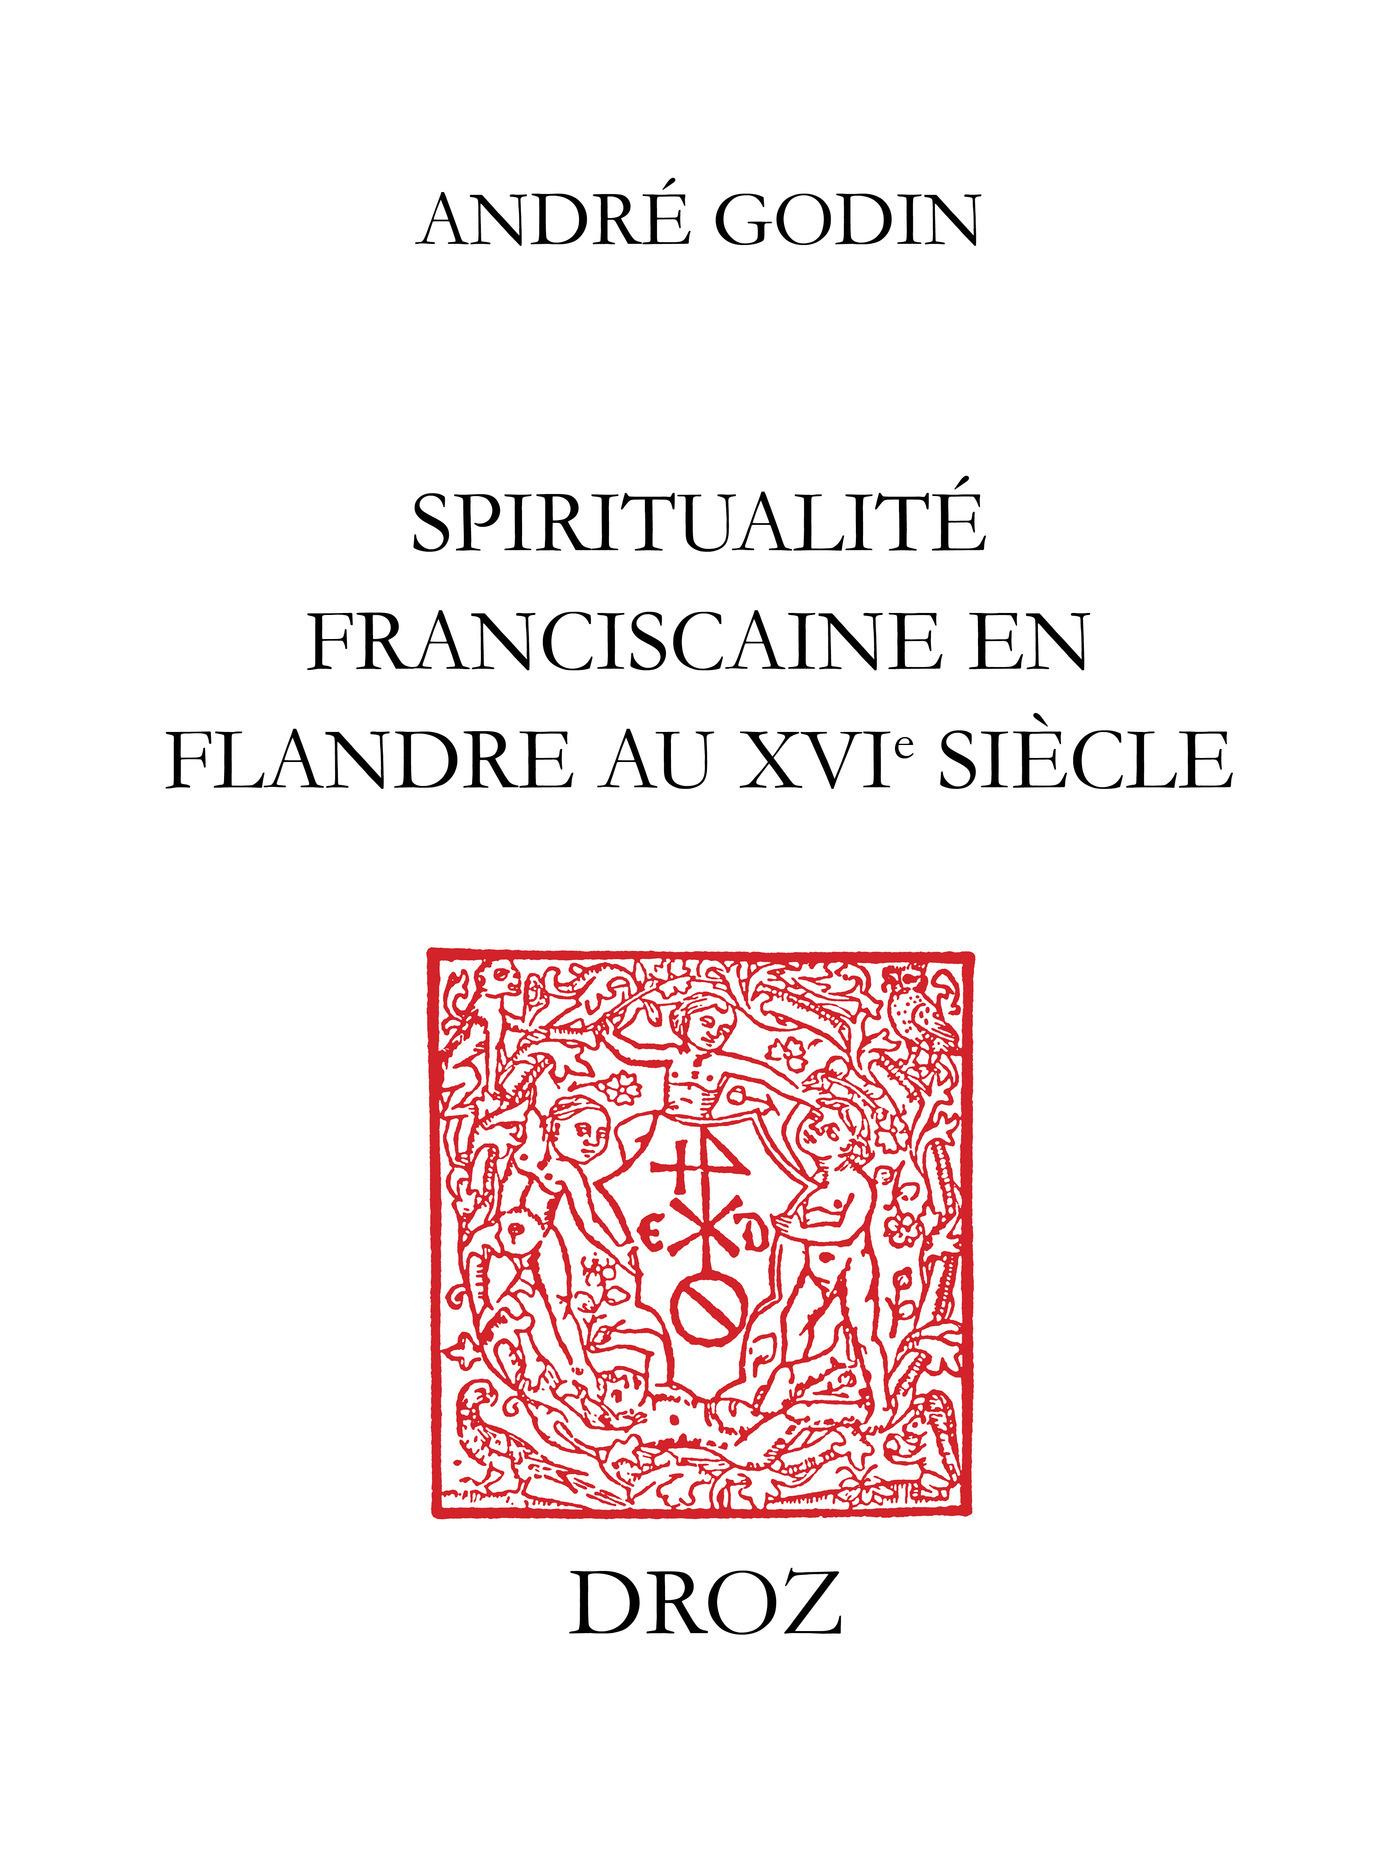 spiritualite franciscaine en flandre au xvie siecle :